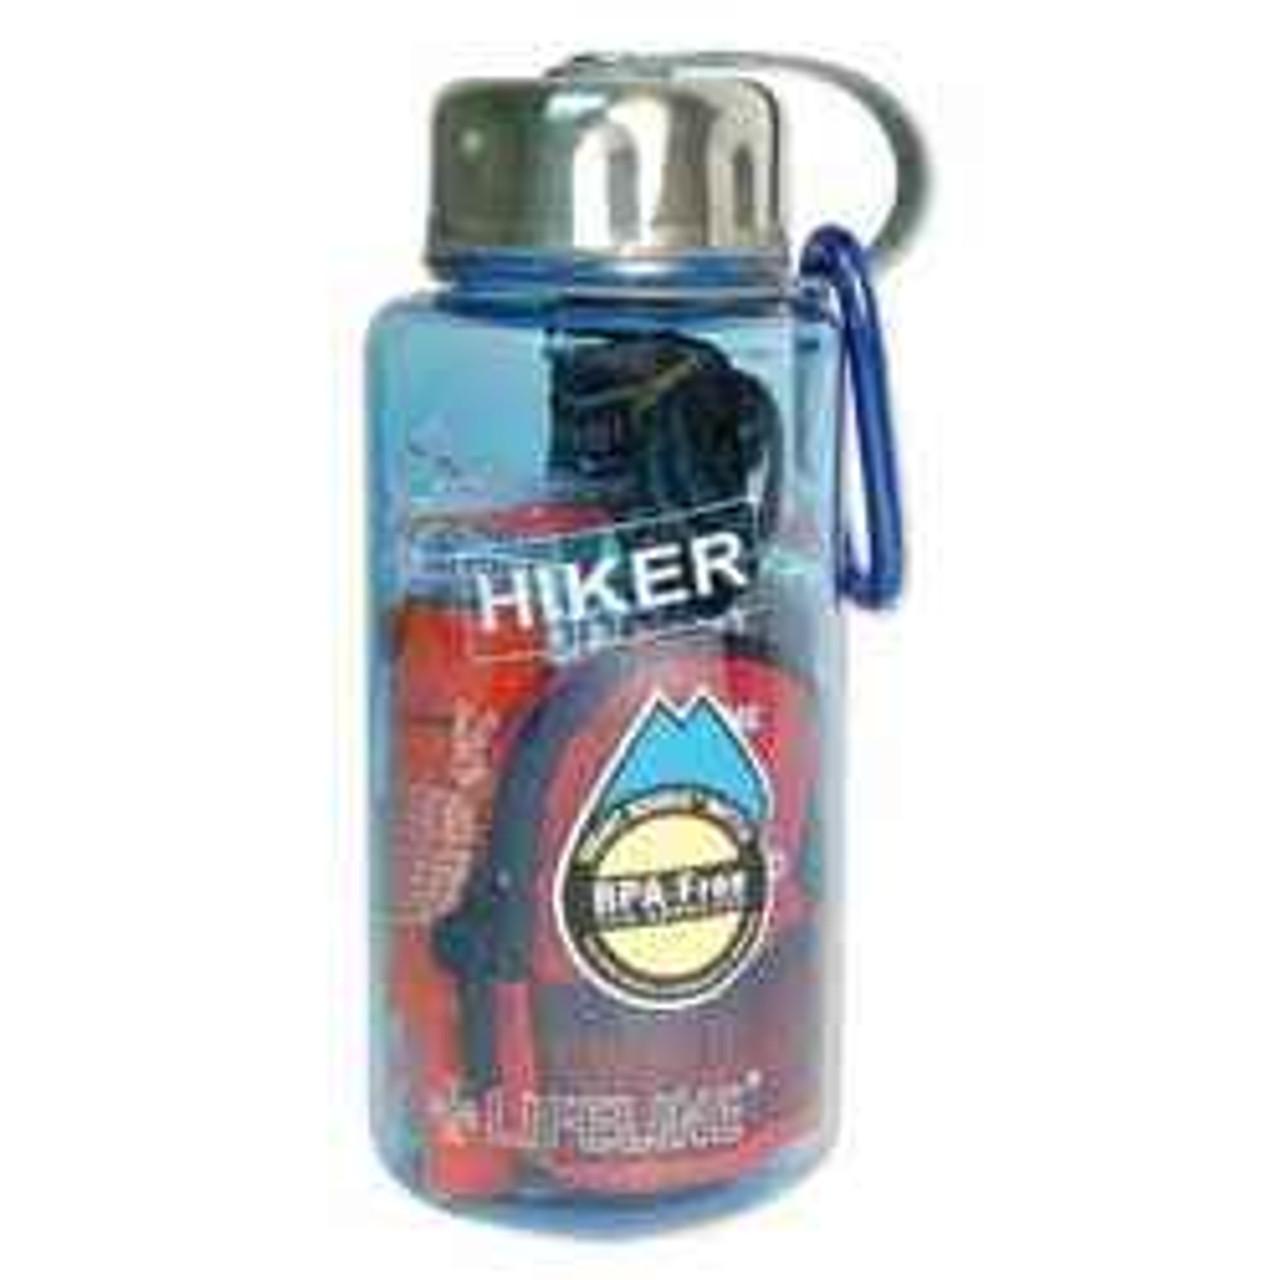 LifeLine Hiker in a Bottle